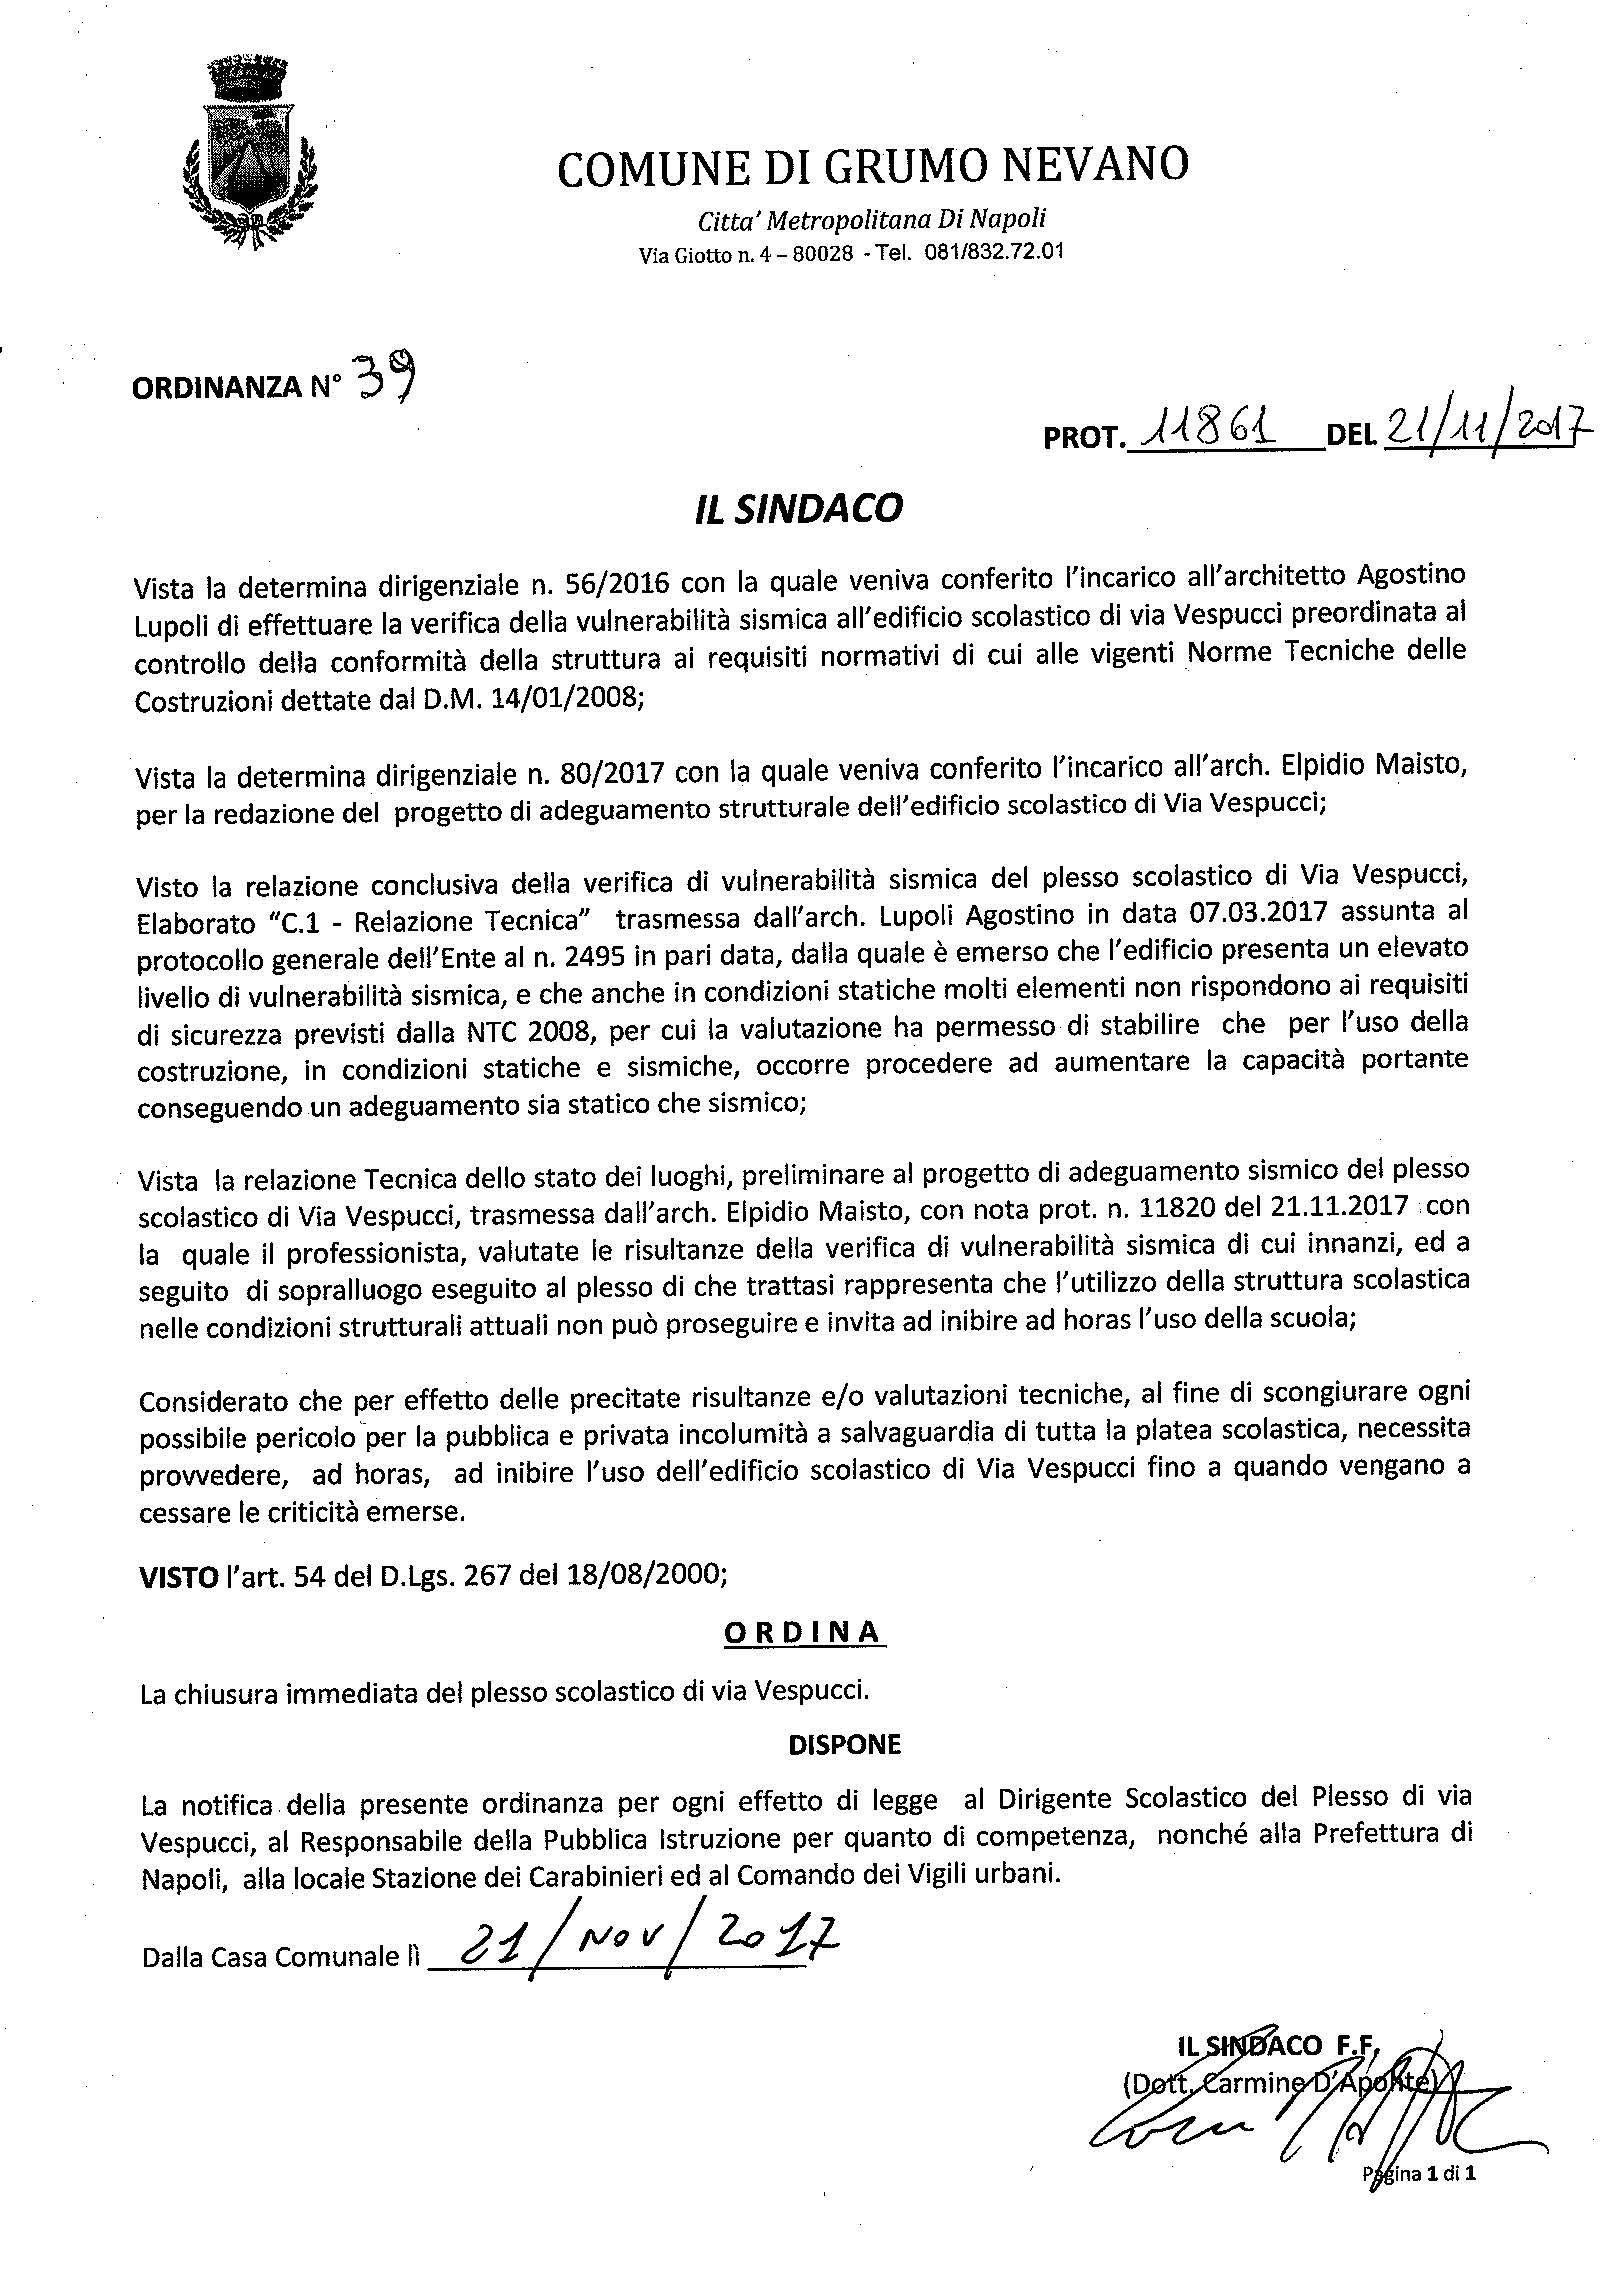 Ordinanza_n._39_del_21.11.2017